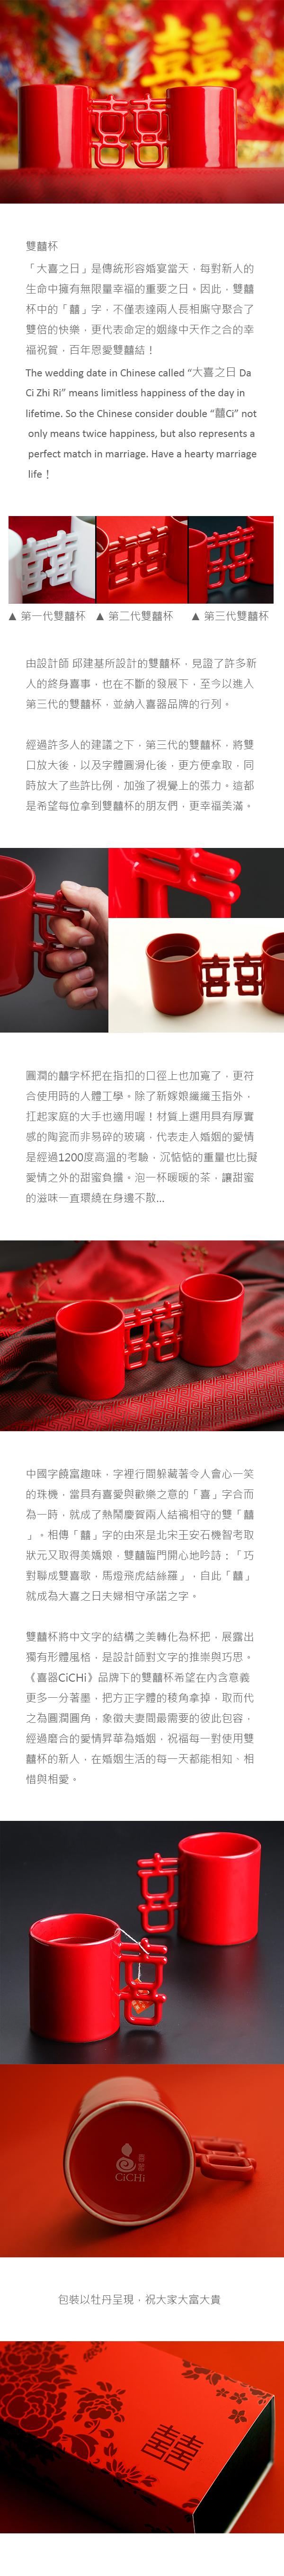 喜器 CiCHi 全新第三代雙囍杯